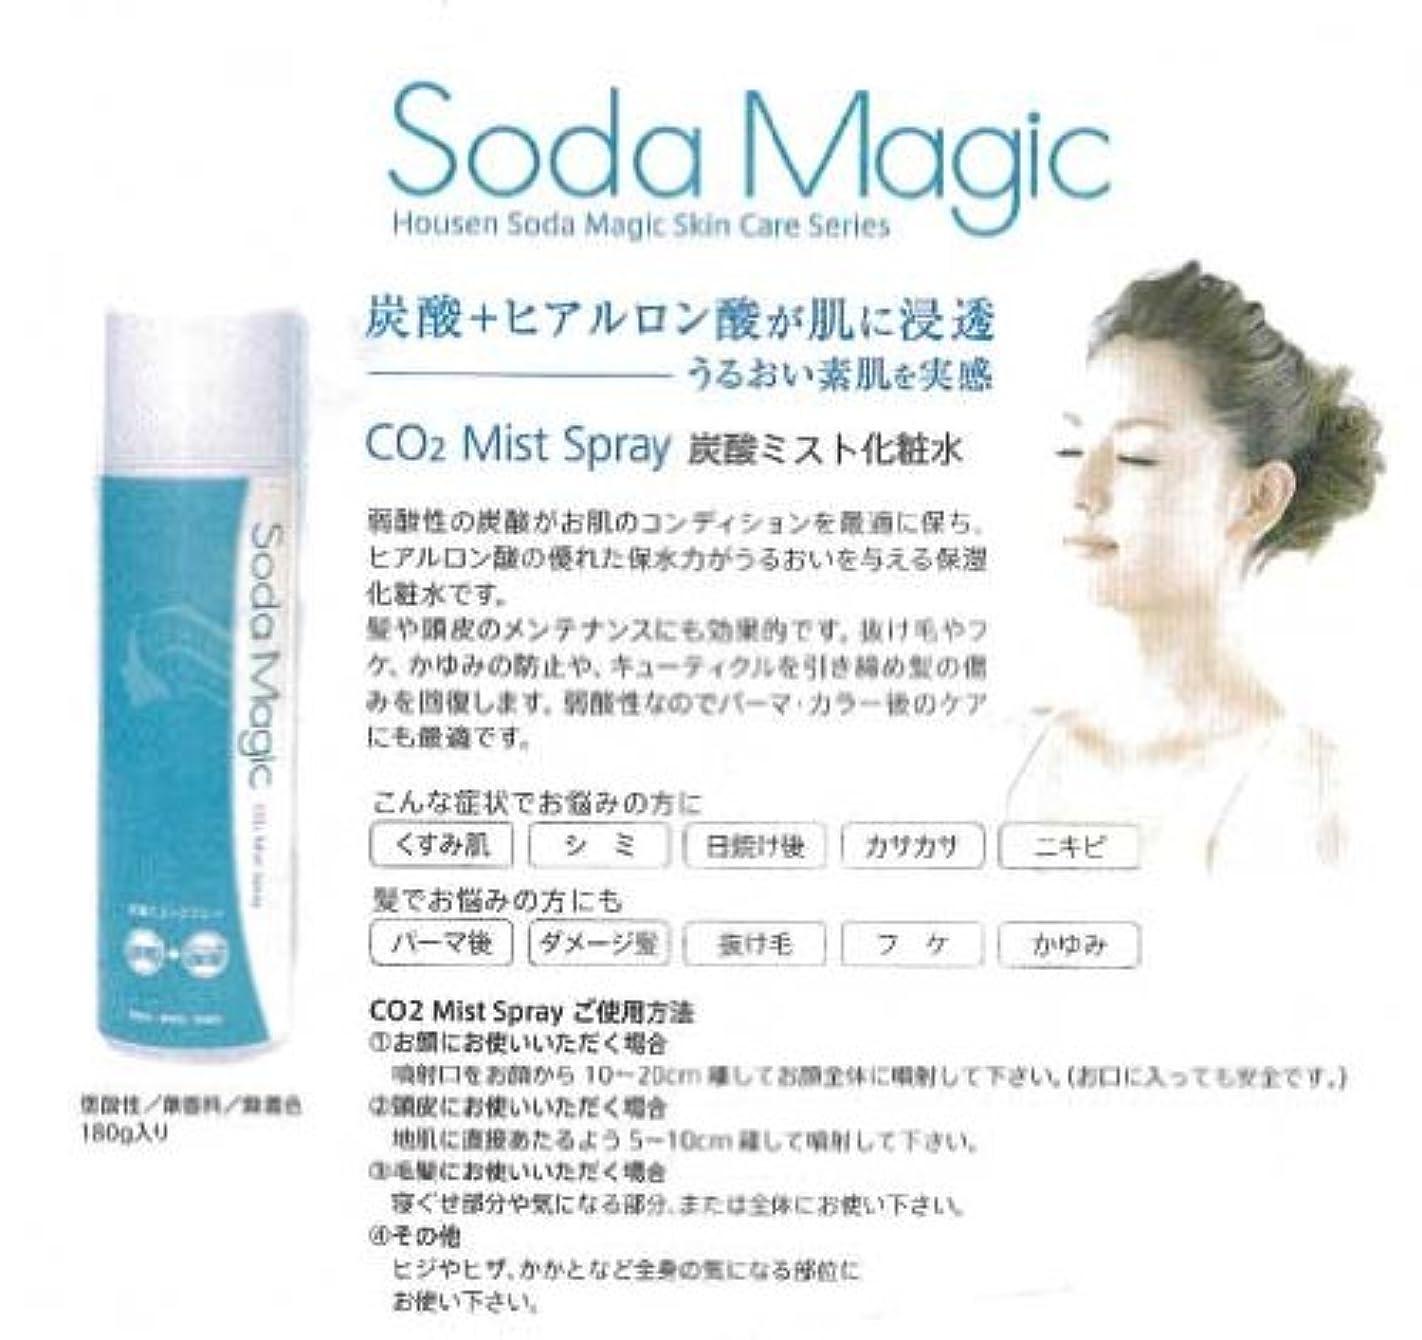 ウィザード遠近法胴体Soda Magic 炭酸ミストスプレー(180g)